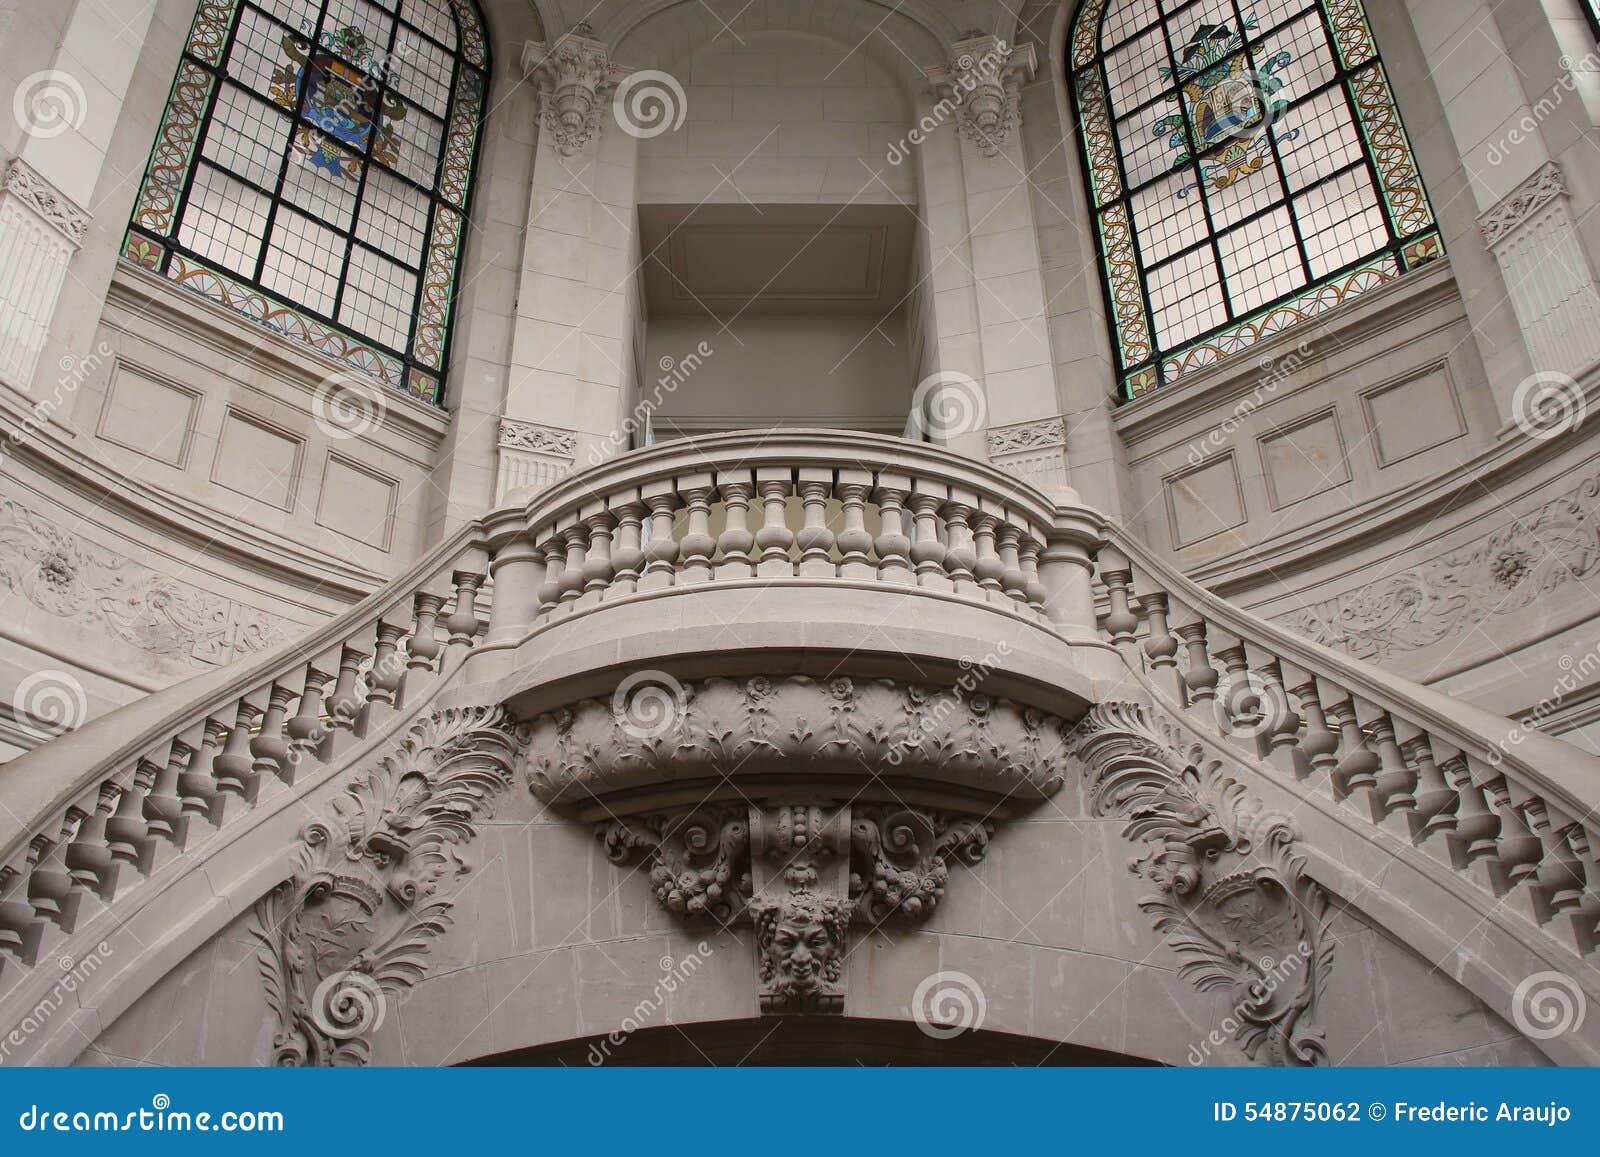 楼梯-美术画廊-里尔-法国图片